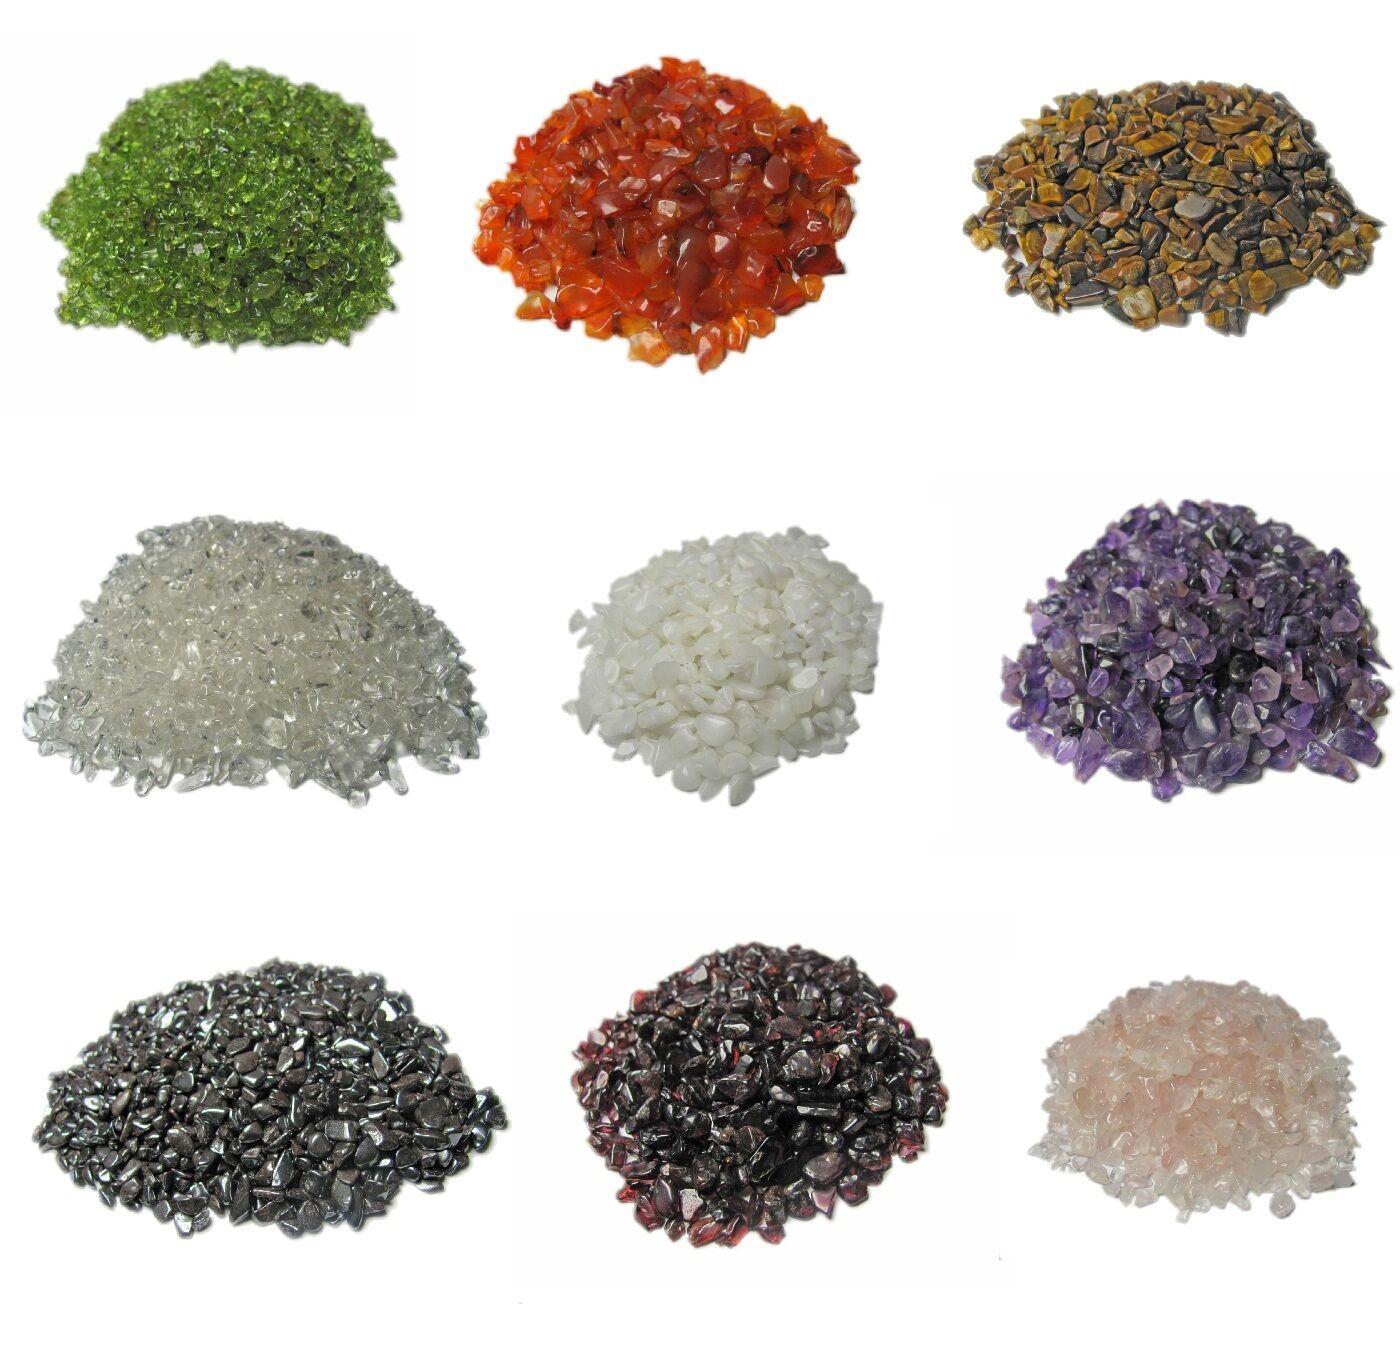 Mini Trommelsteine, Edelstein Granulat, Micro Trommelsteine 50 - 500 Gramm